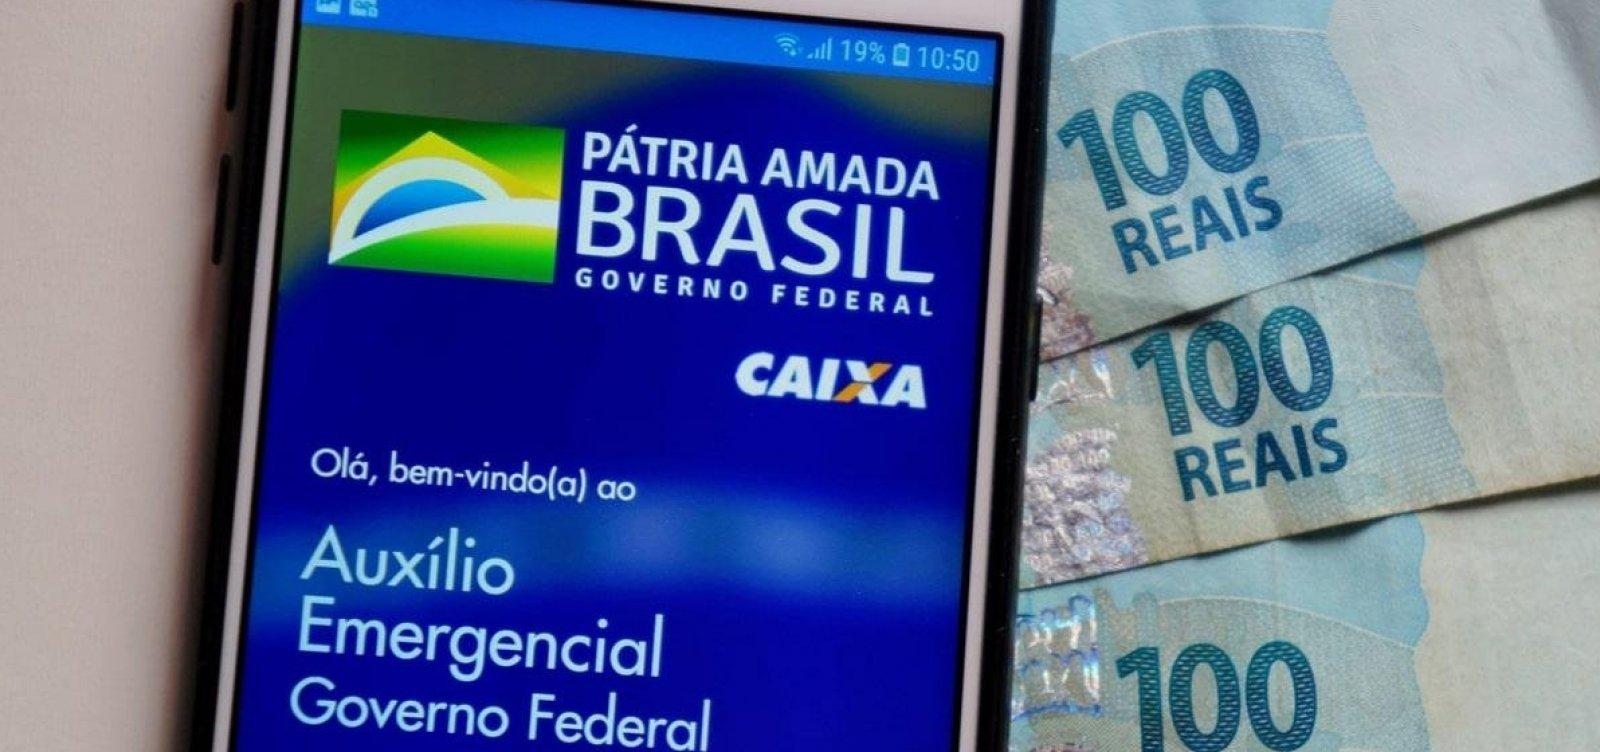 Auxílio emergencial: Governo estuda 'imposto temporário' para bancar nova rodada do benefício